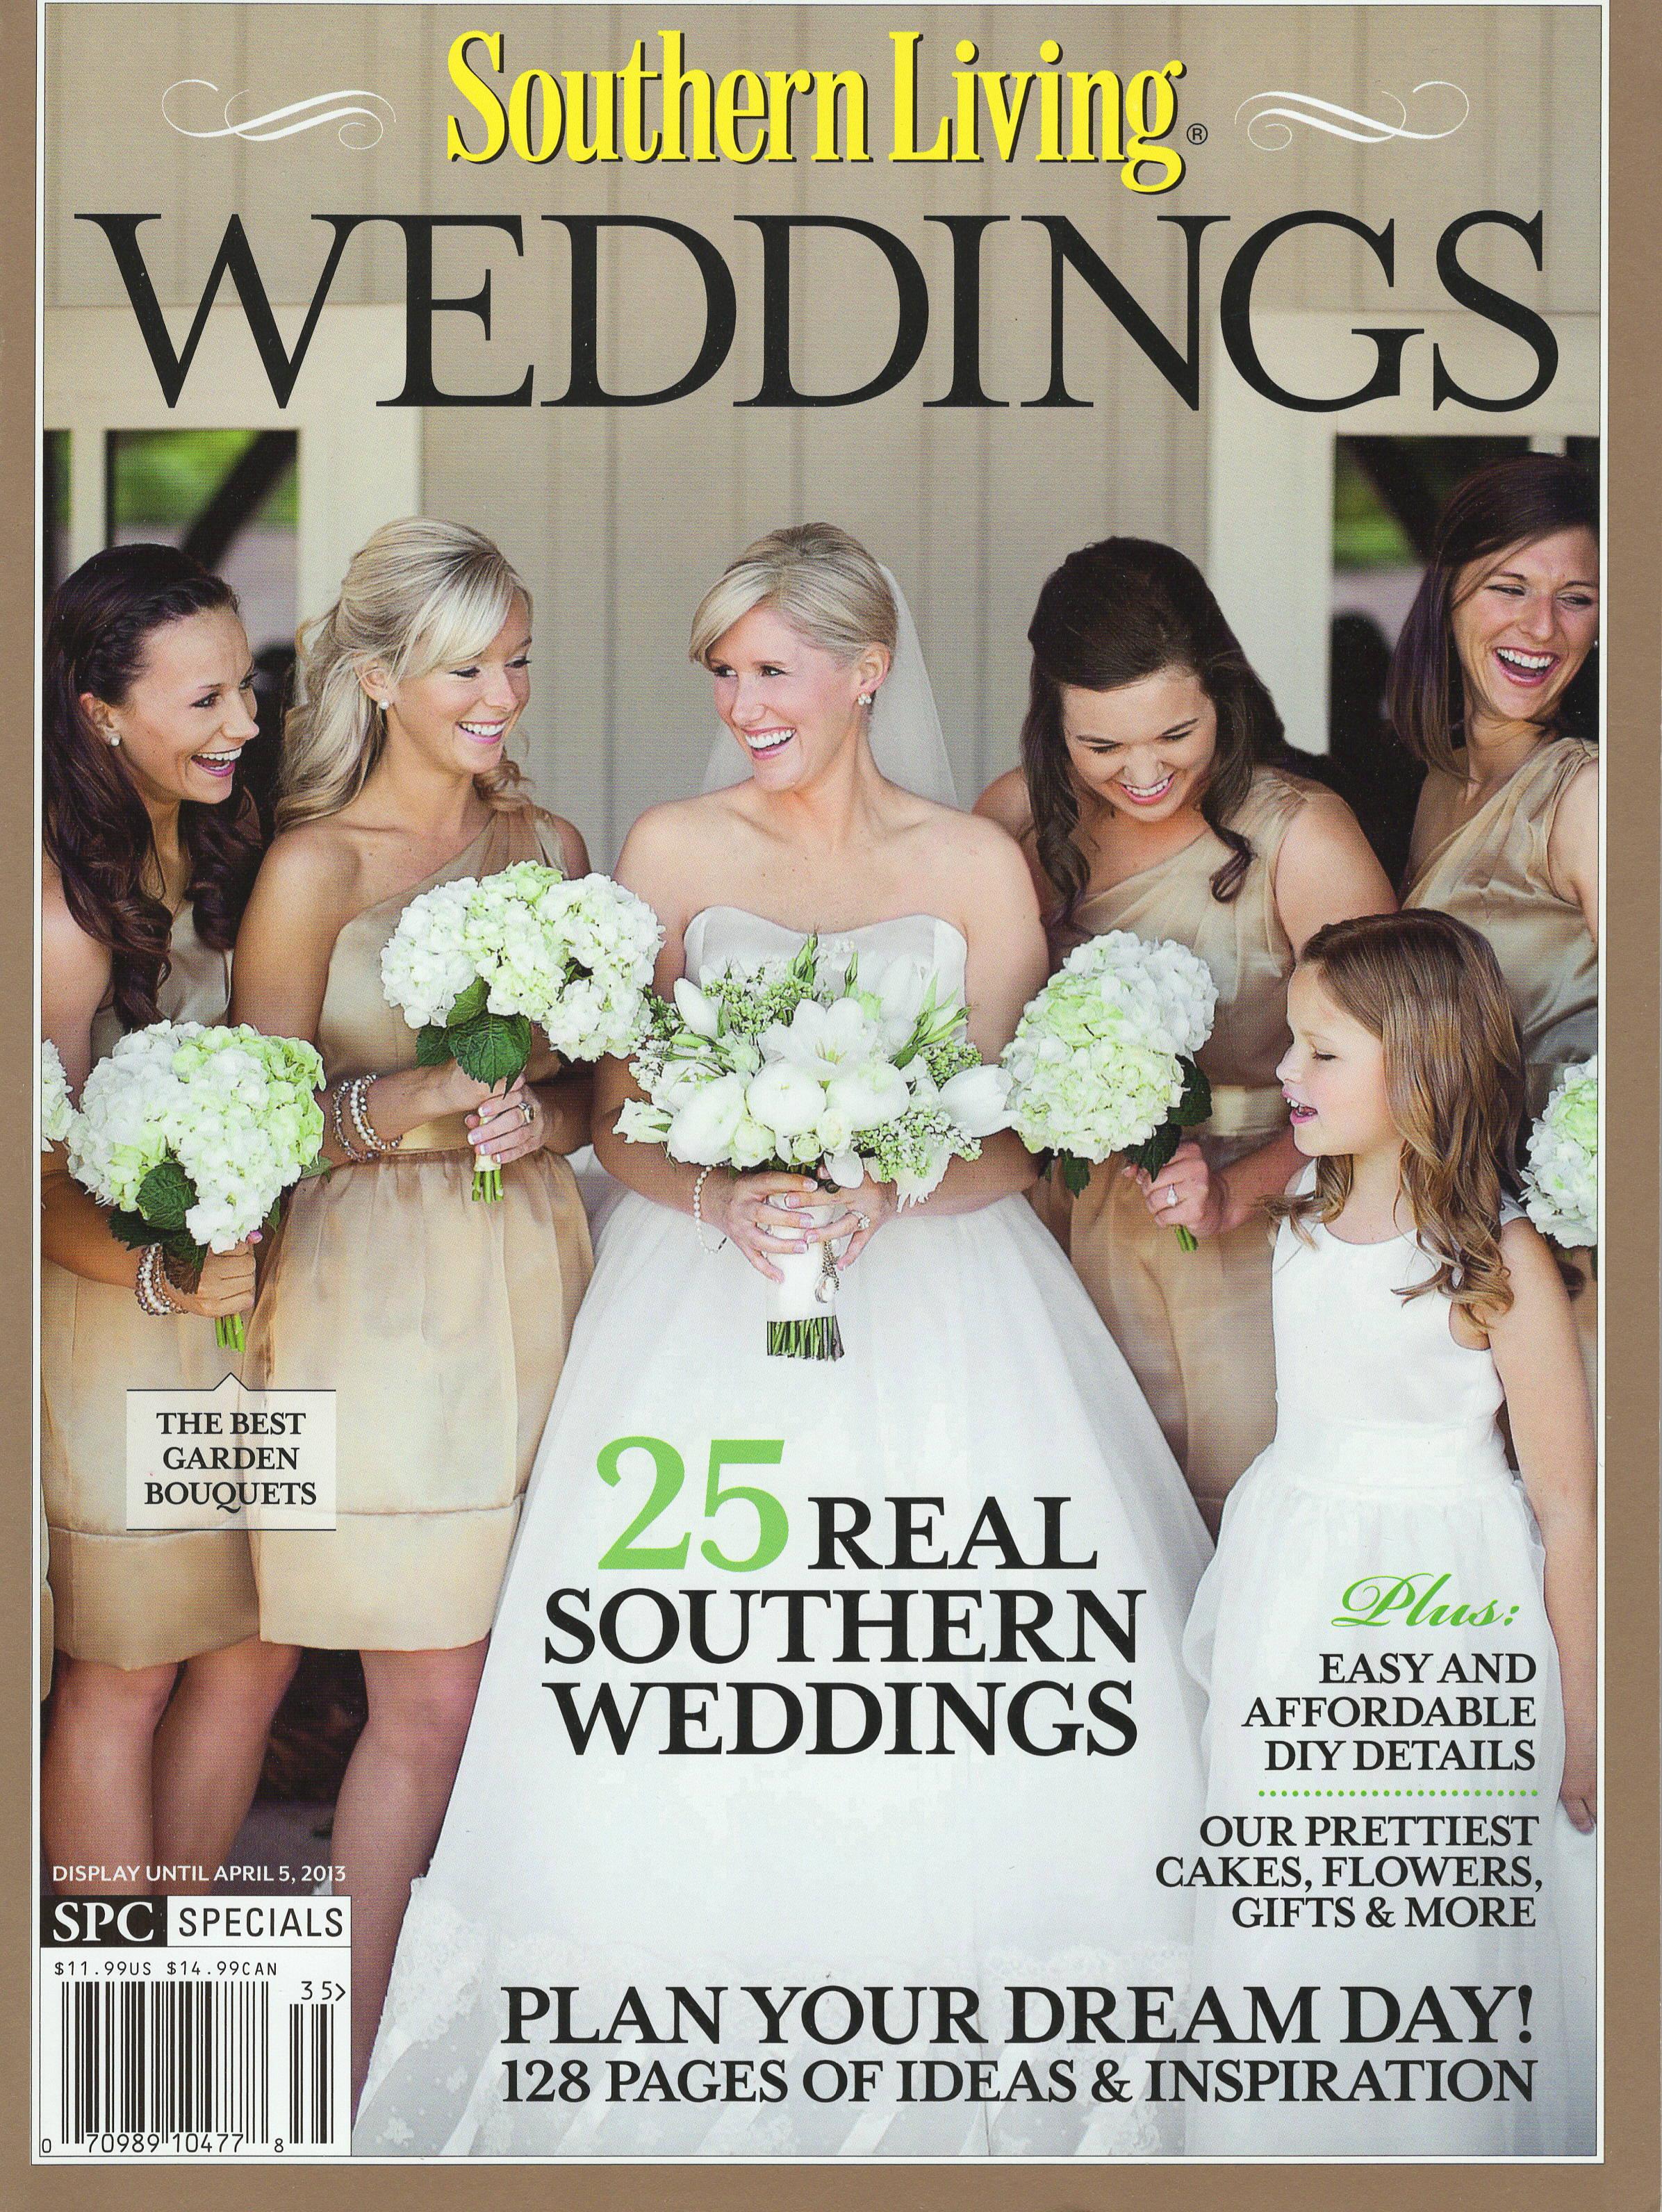 Southern Living Weddings.jpg